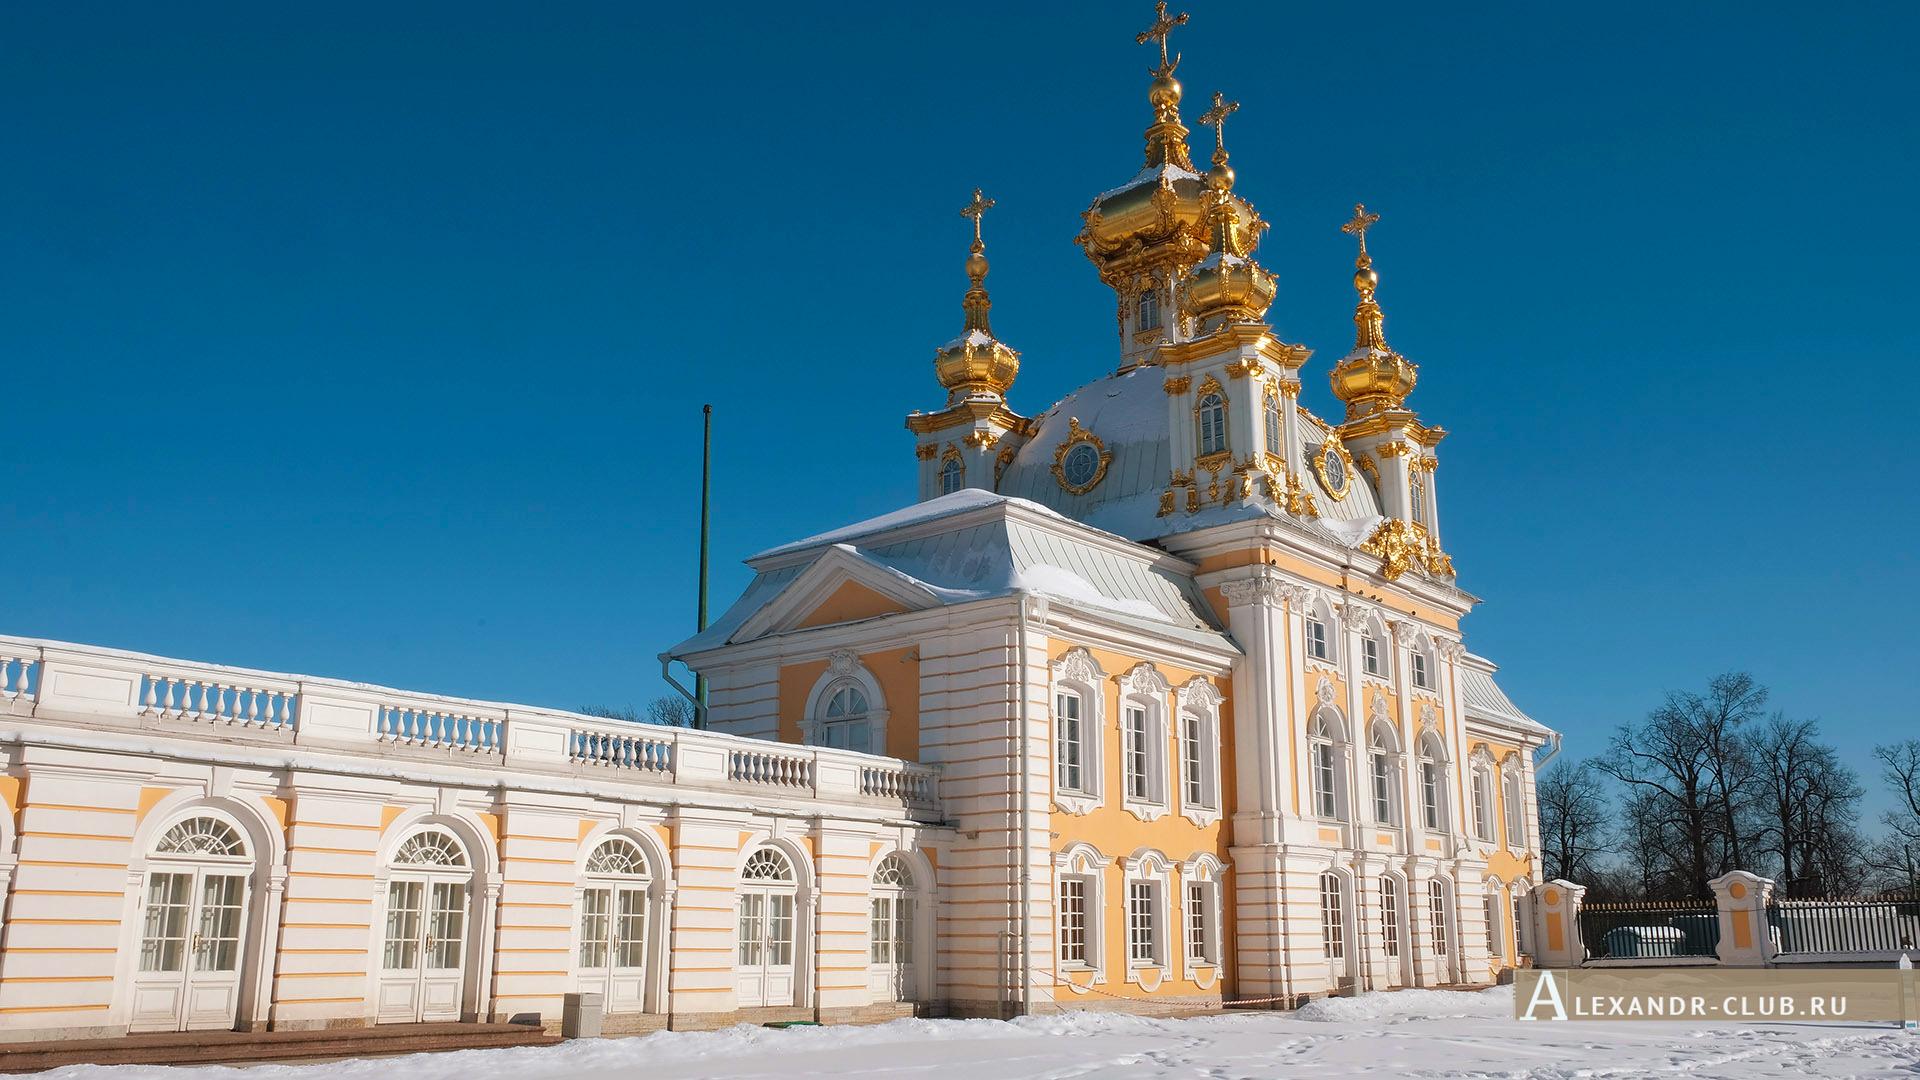 Петергоф, зима, Верхний сад, Петропавловская церковь